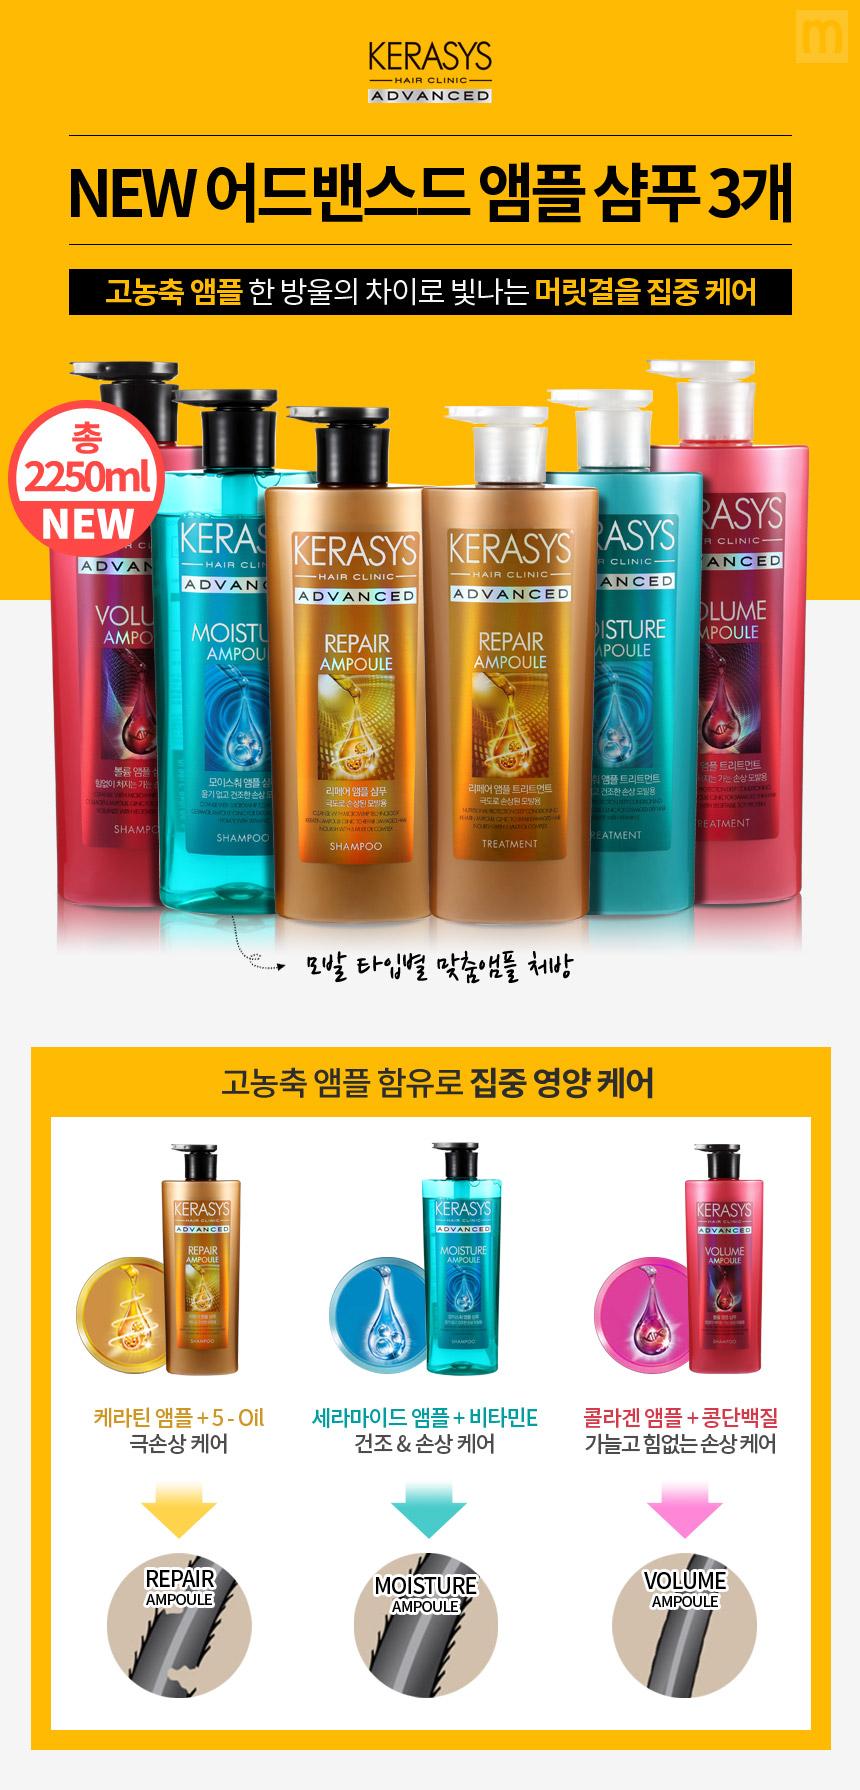 Cặp dầu gội/xả Kerasys Advanced Ampoule Repair phục hồi tóc hư tổn nặng Hàn Quốc (2x 600ml) tặng kèm móc khóa